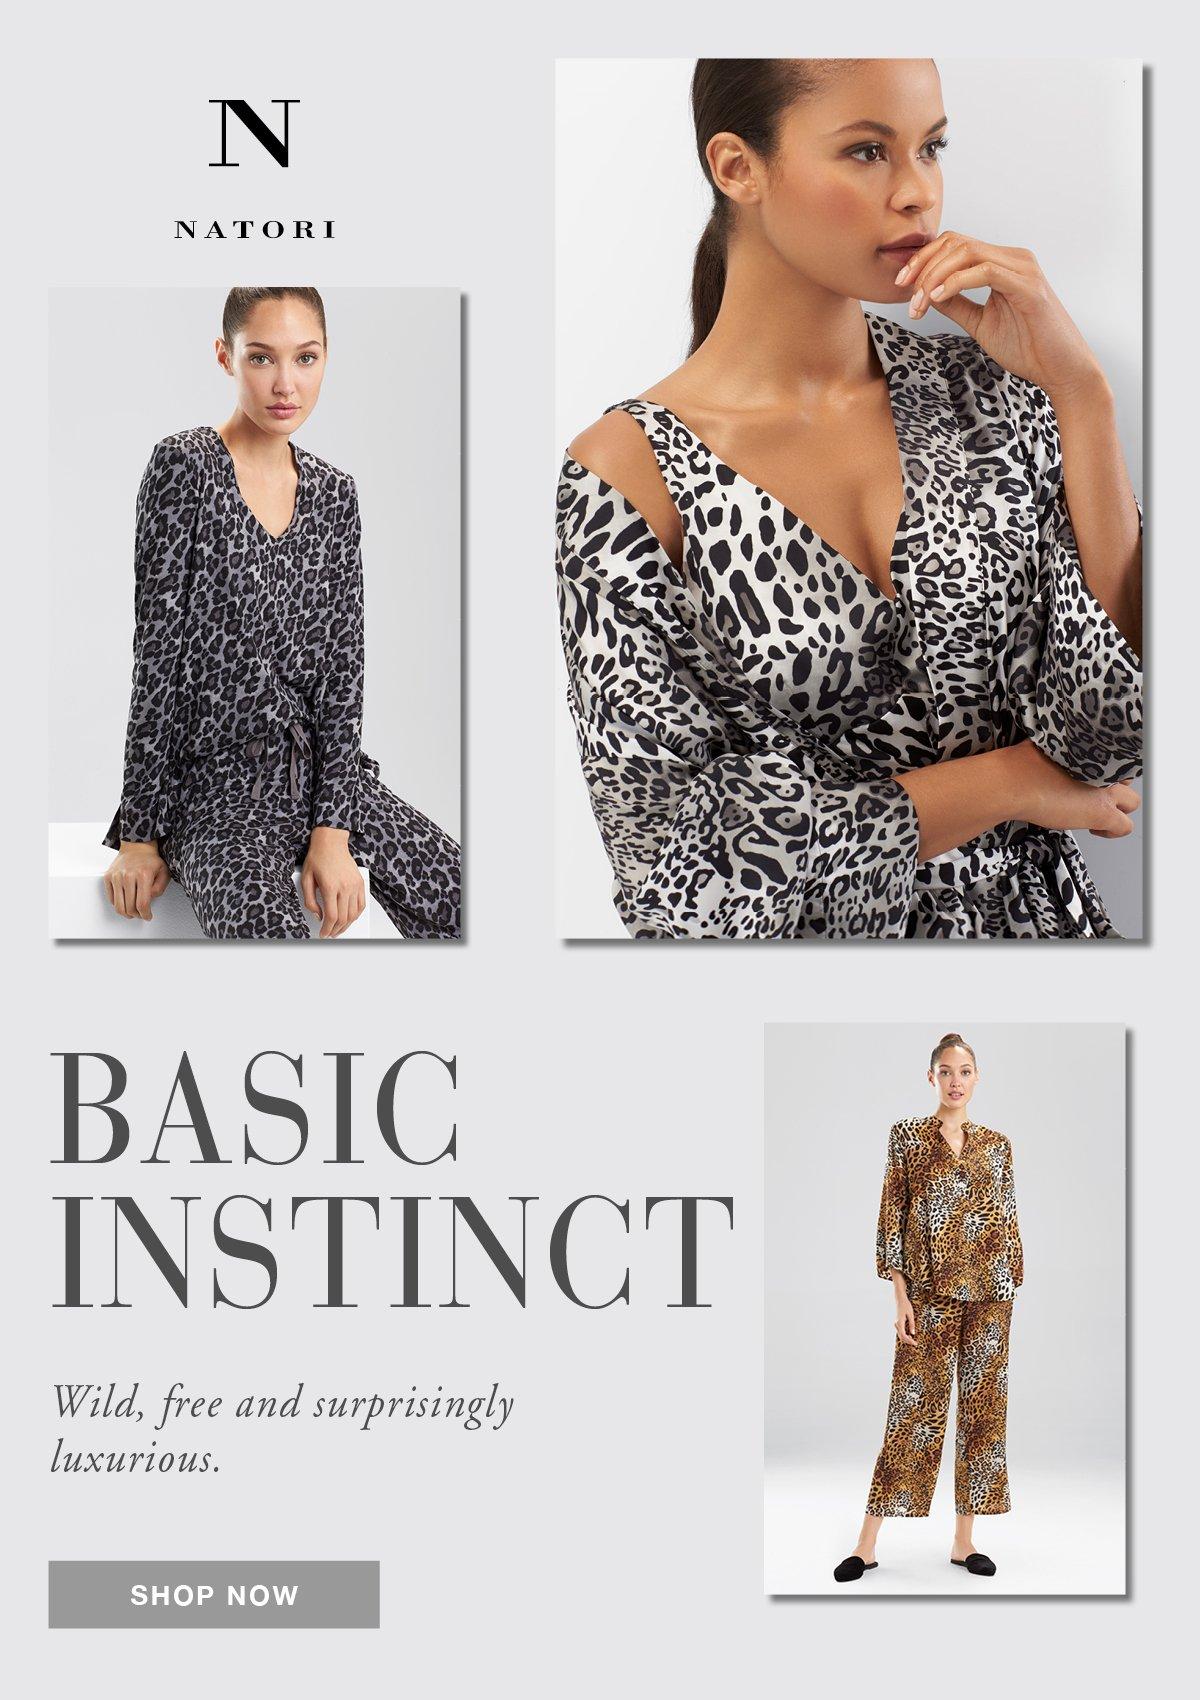 A model wears animal print sleepwear from N Natori